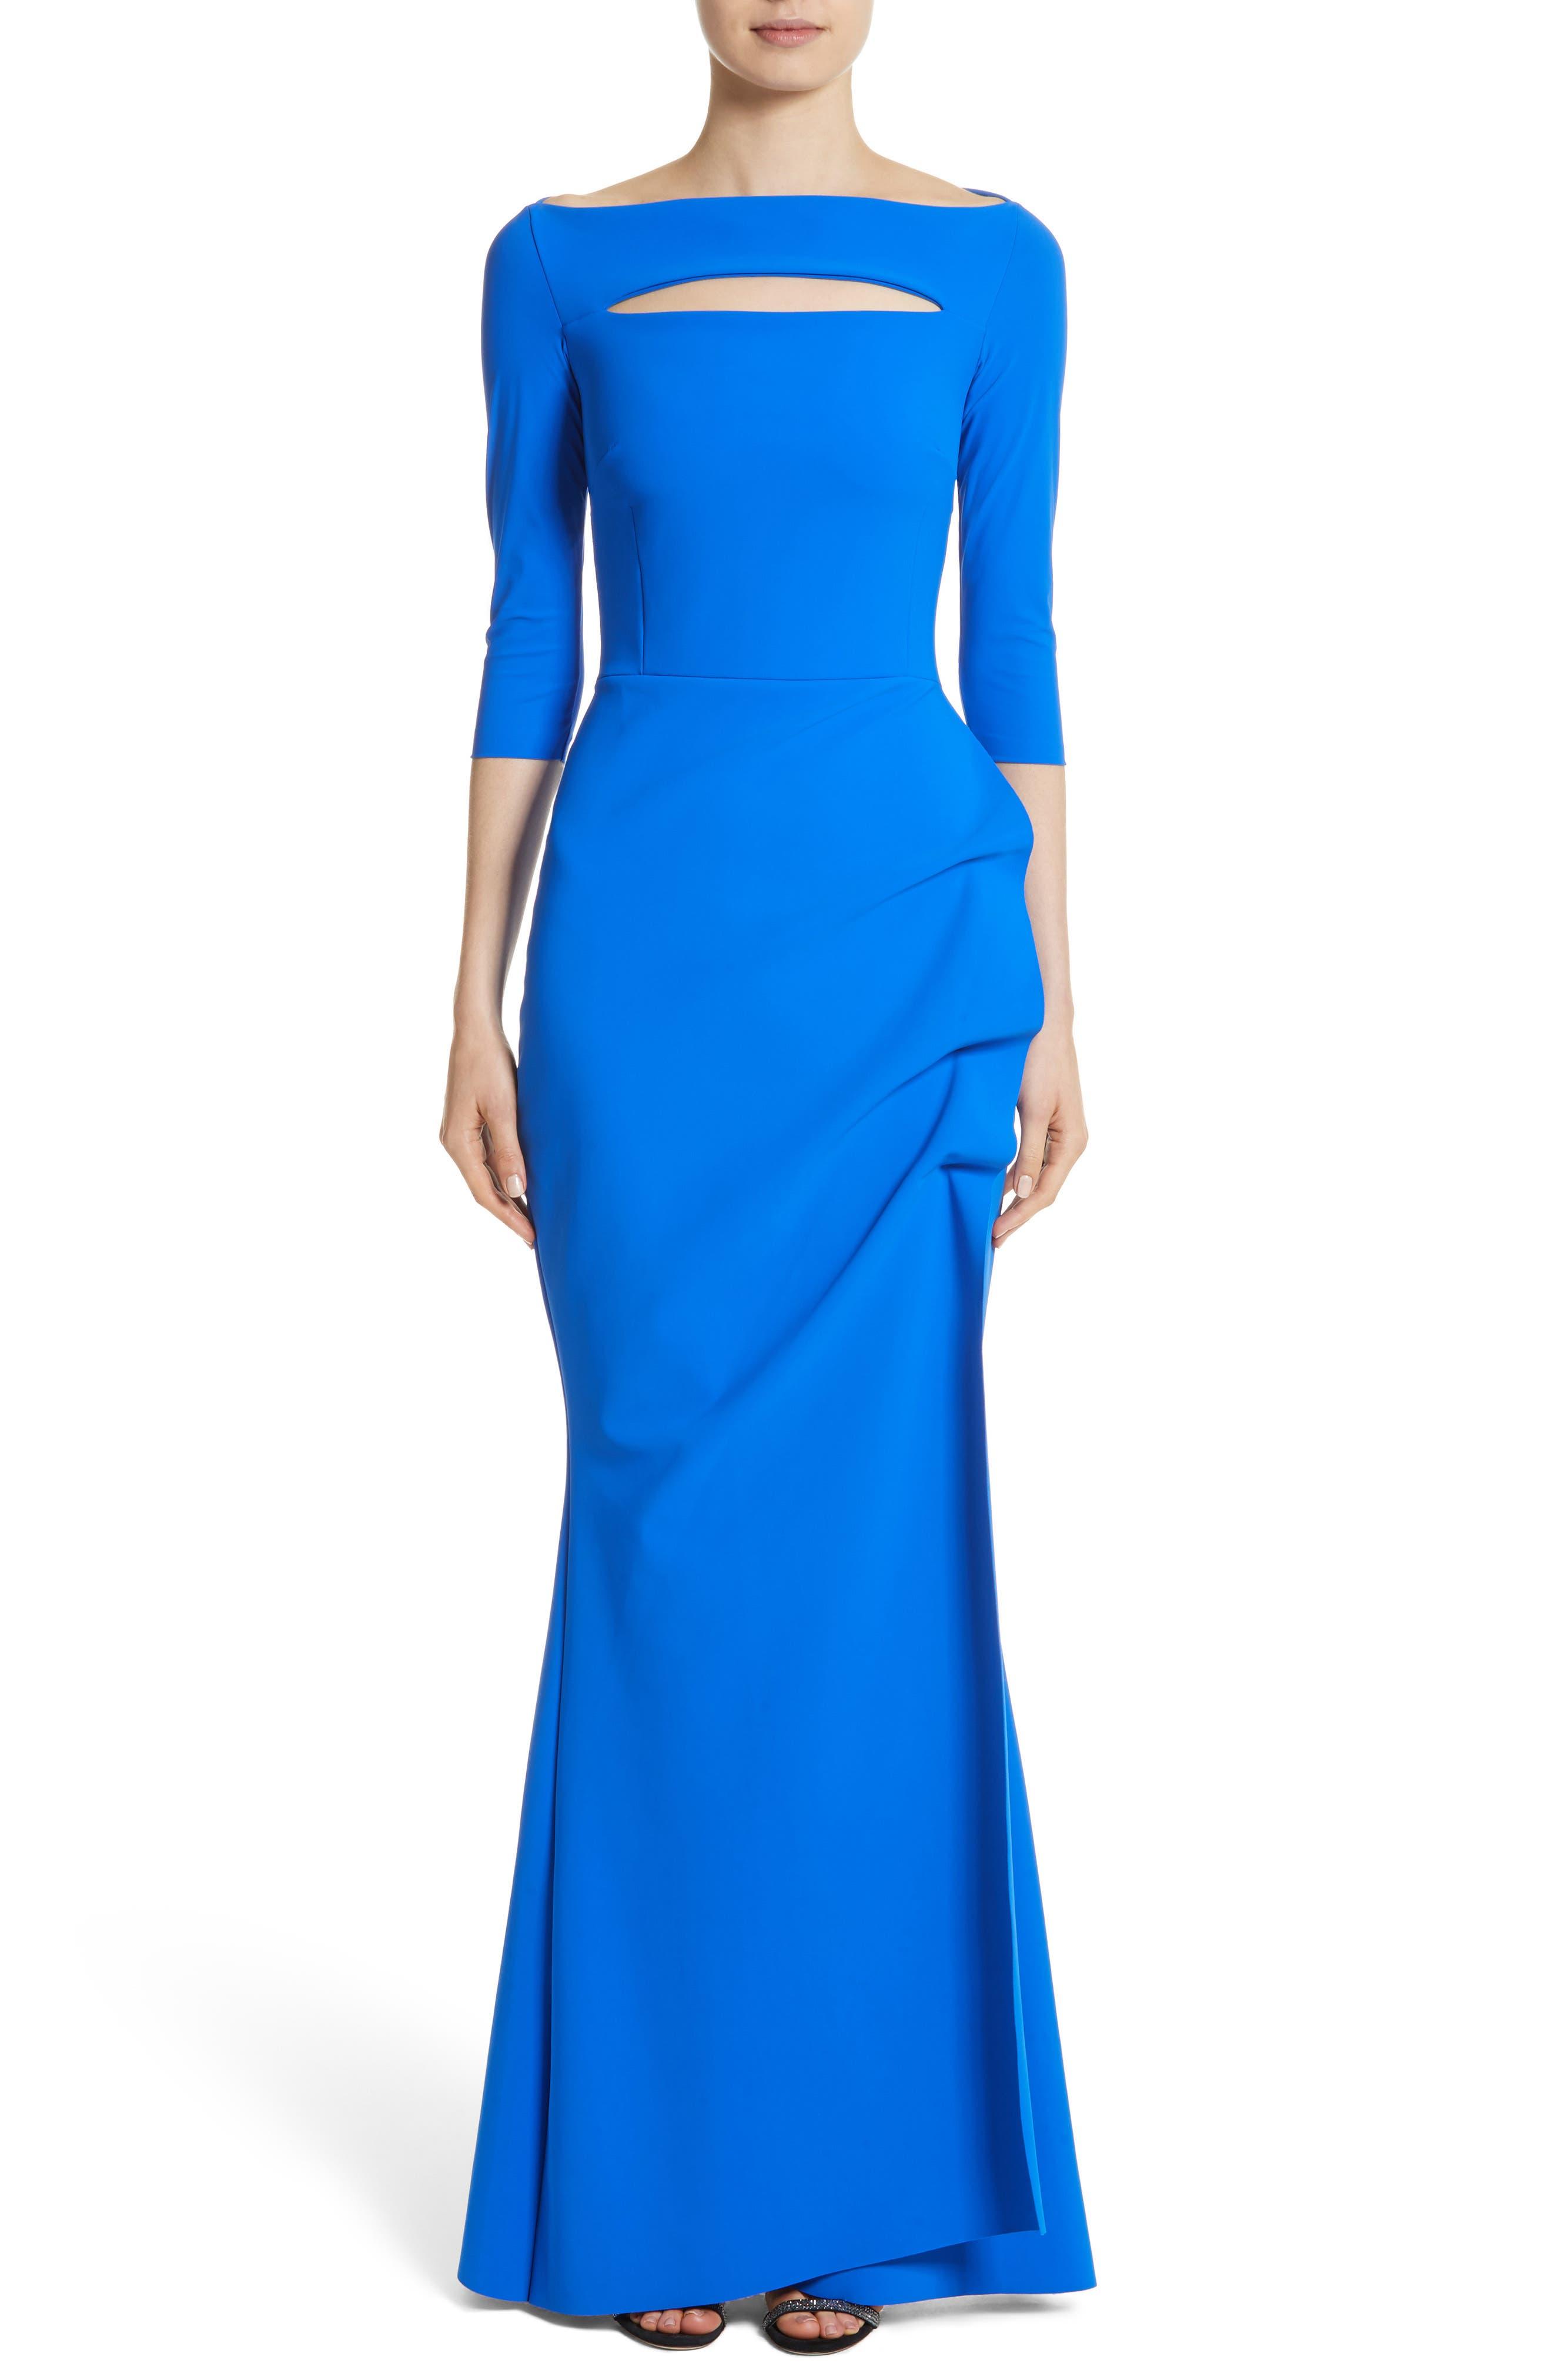 Main Image - Chiara Boni La Petite Robe Slit Bodice Drape Front Gown